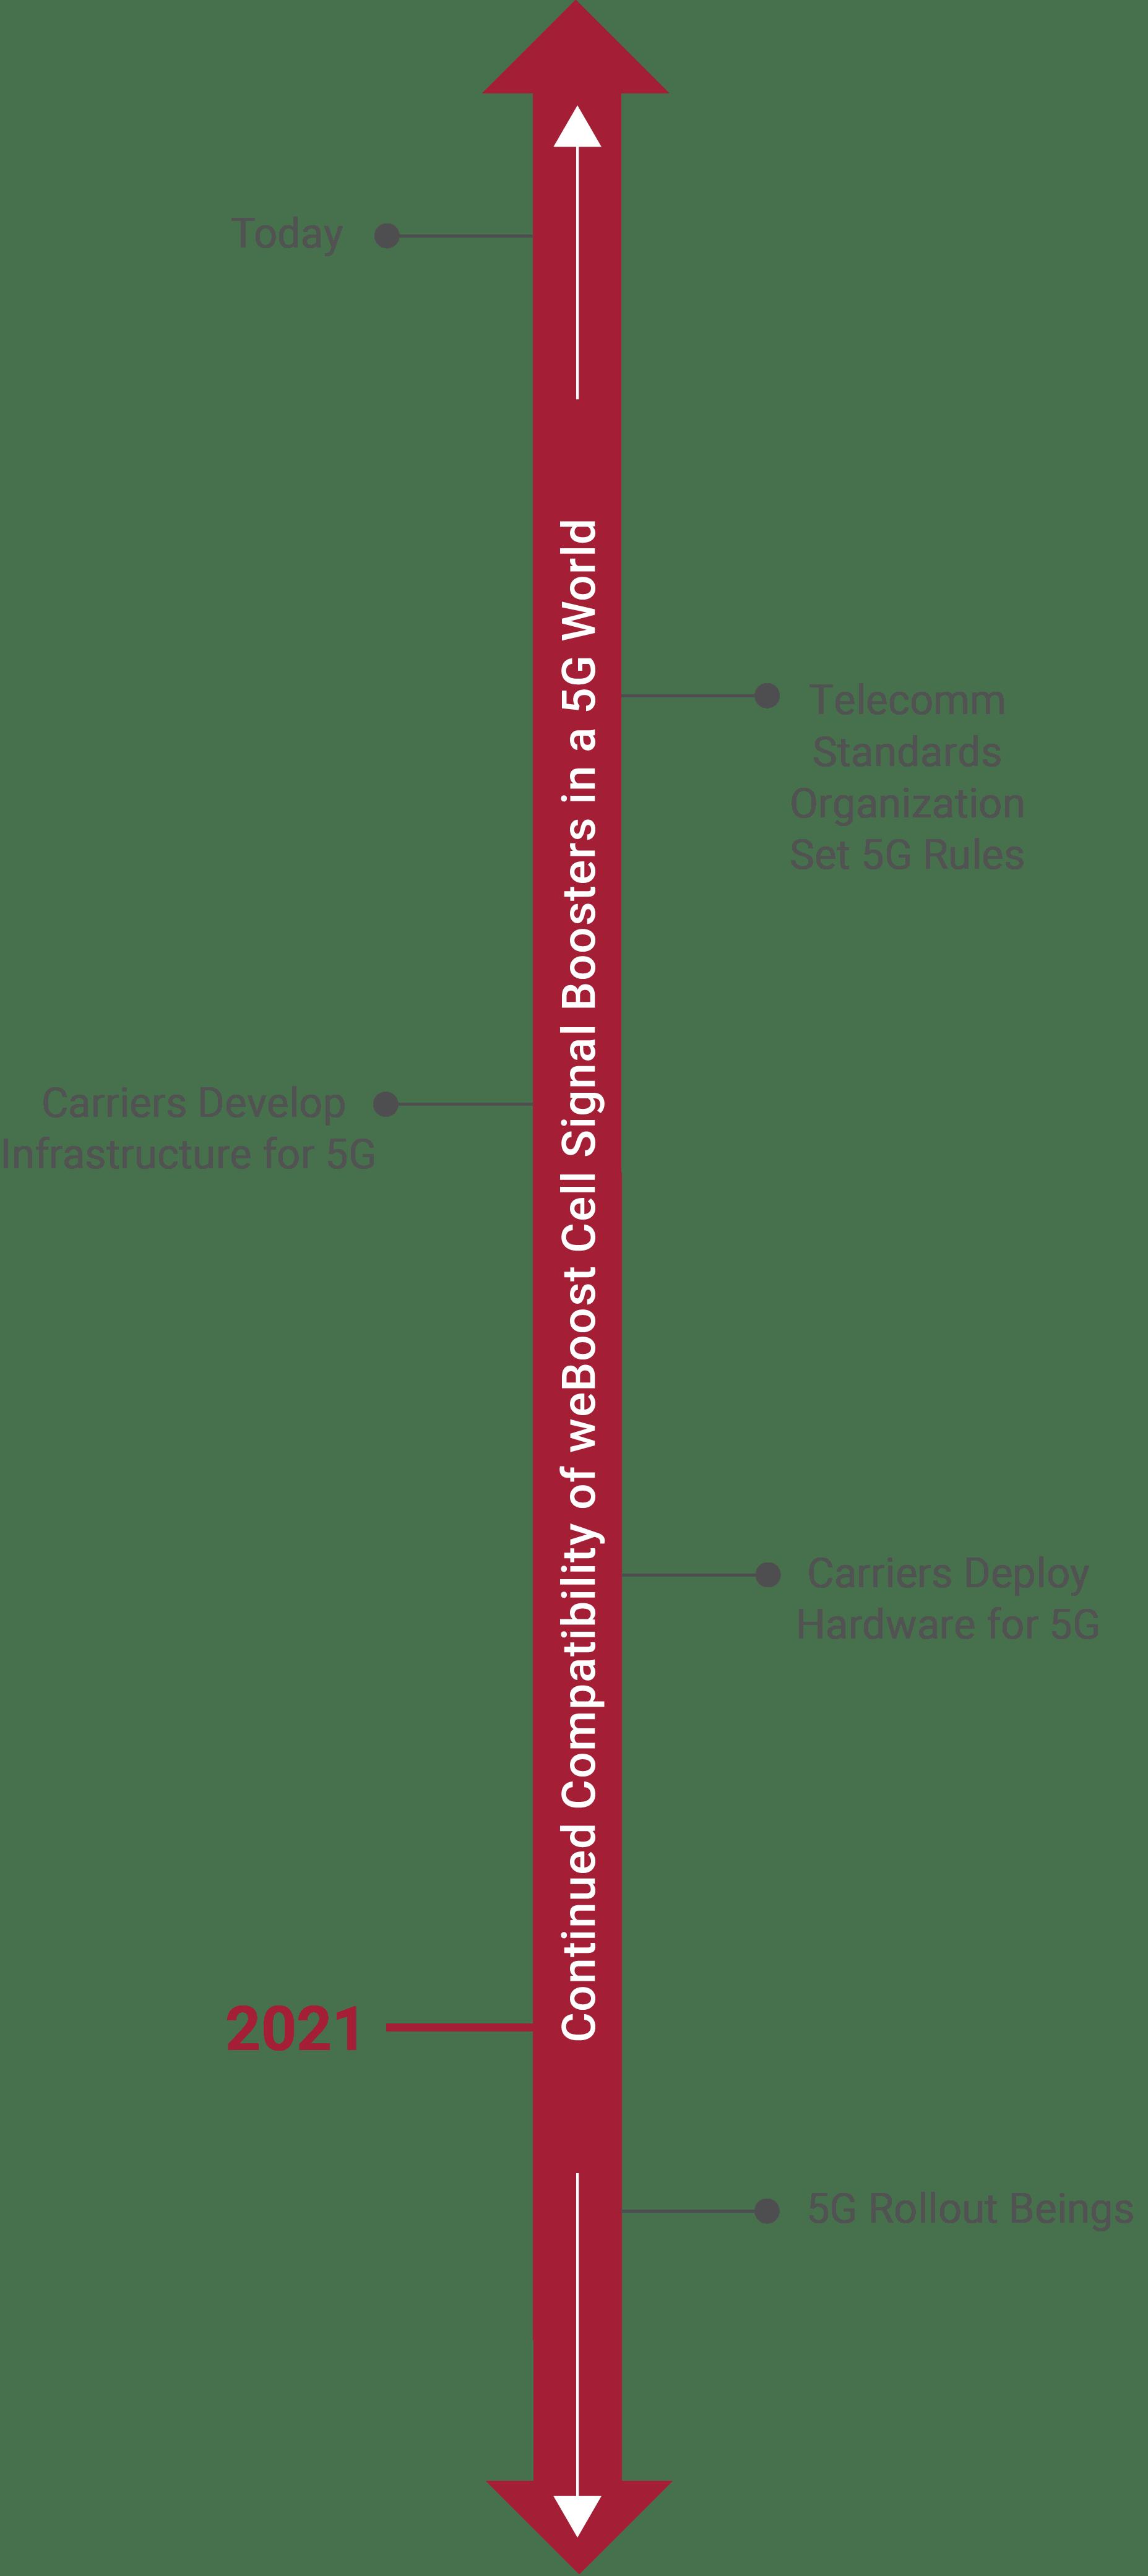 5g vertical timeline